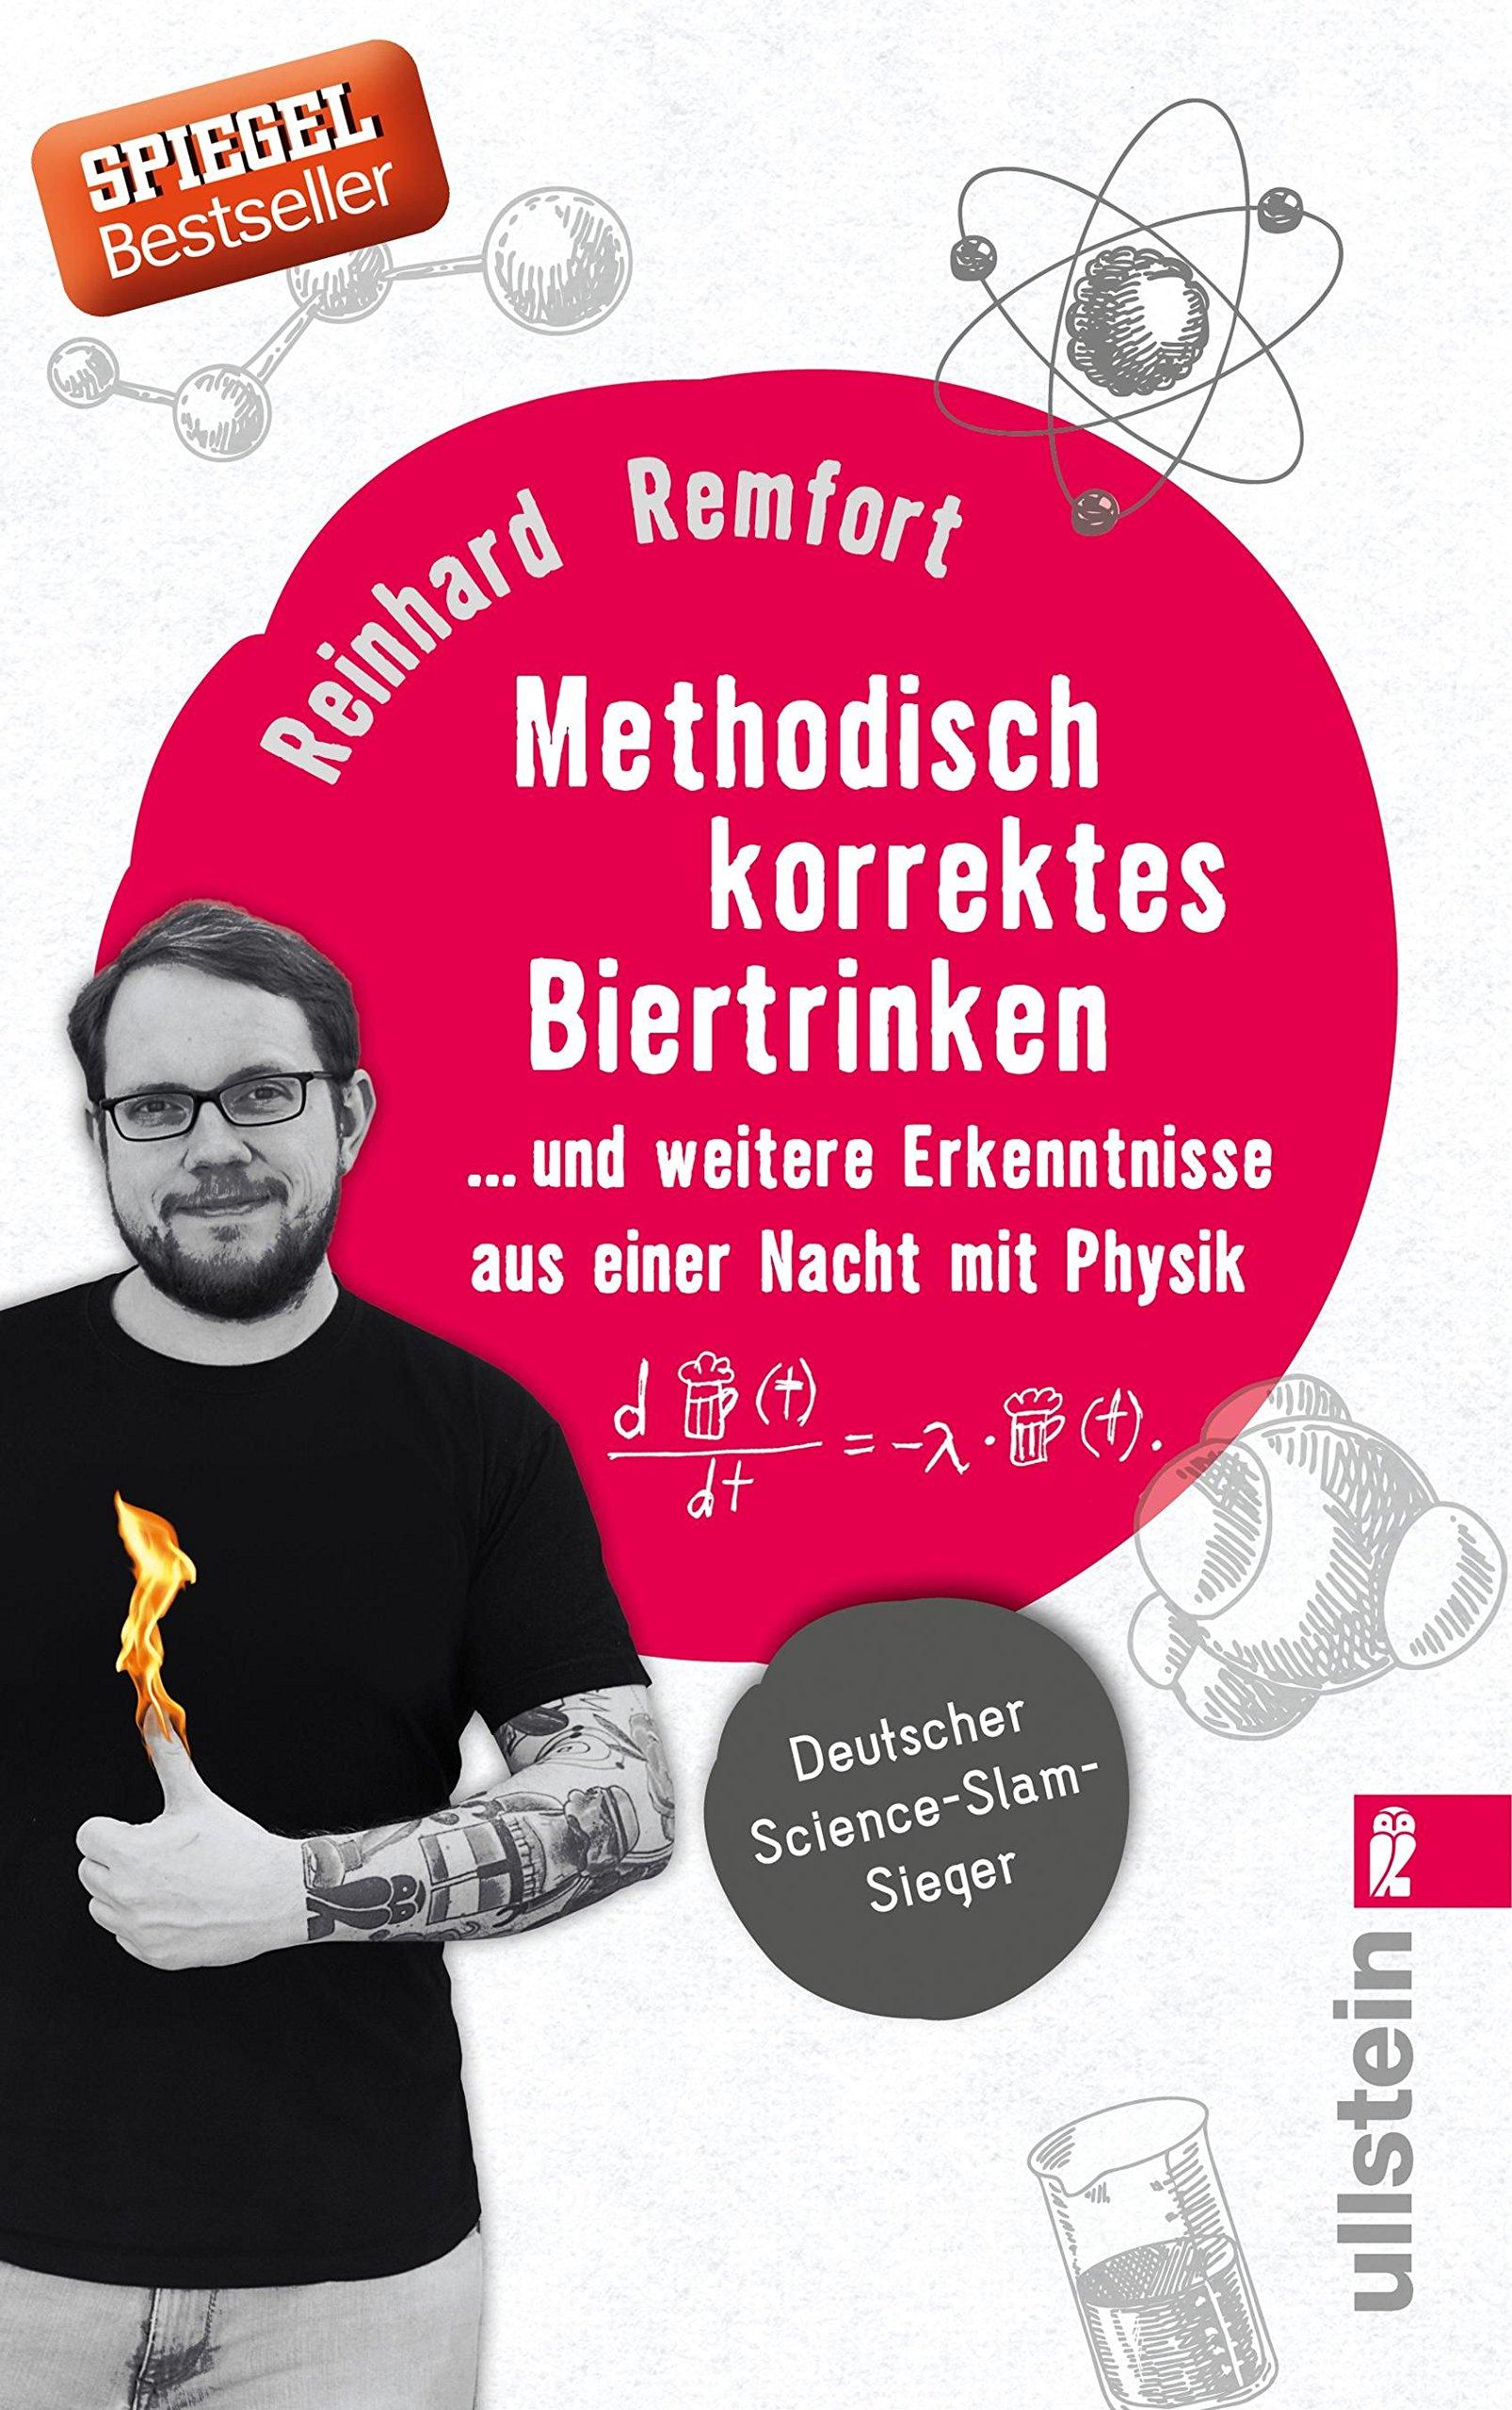 Methodisch korrektes Biertrinken: ... und weitere Erkenntnisse aus einer Nacht mit Physik Taschenbuch – 16. Juni 2017 Reinhard Remfort Ullstein Taschenbuchvlg. 3548375871 SCI055000